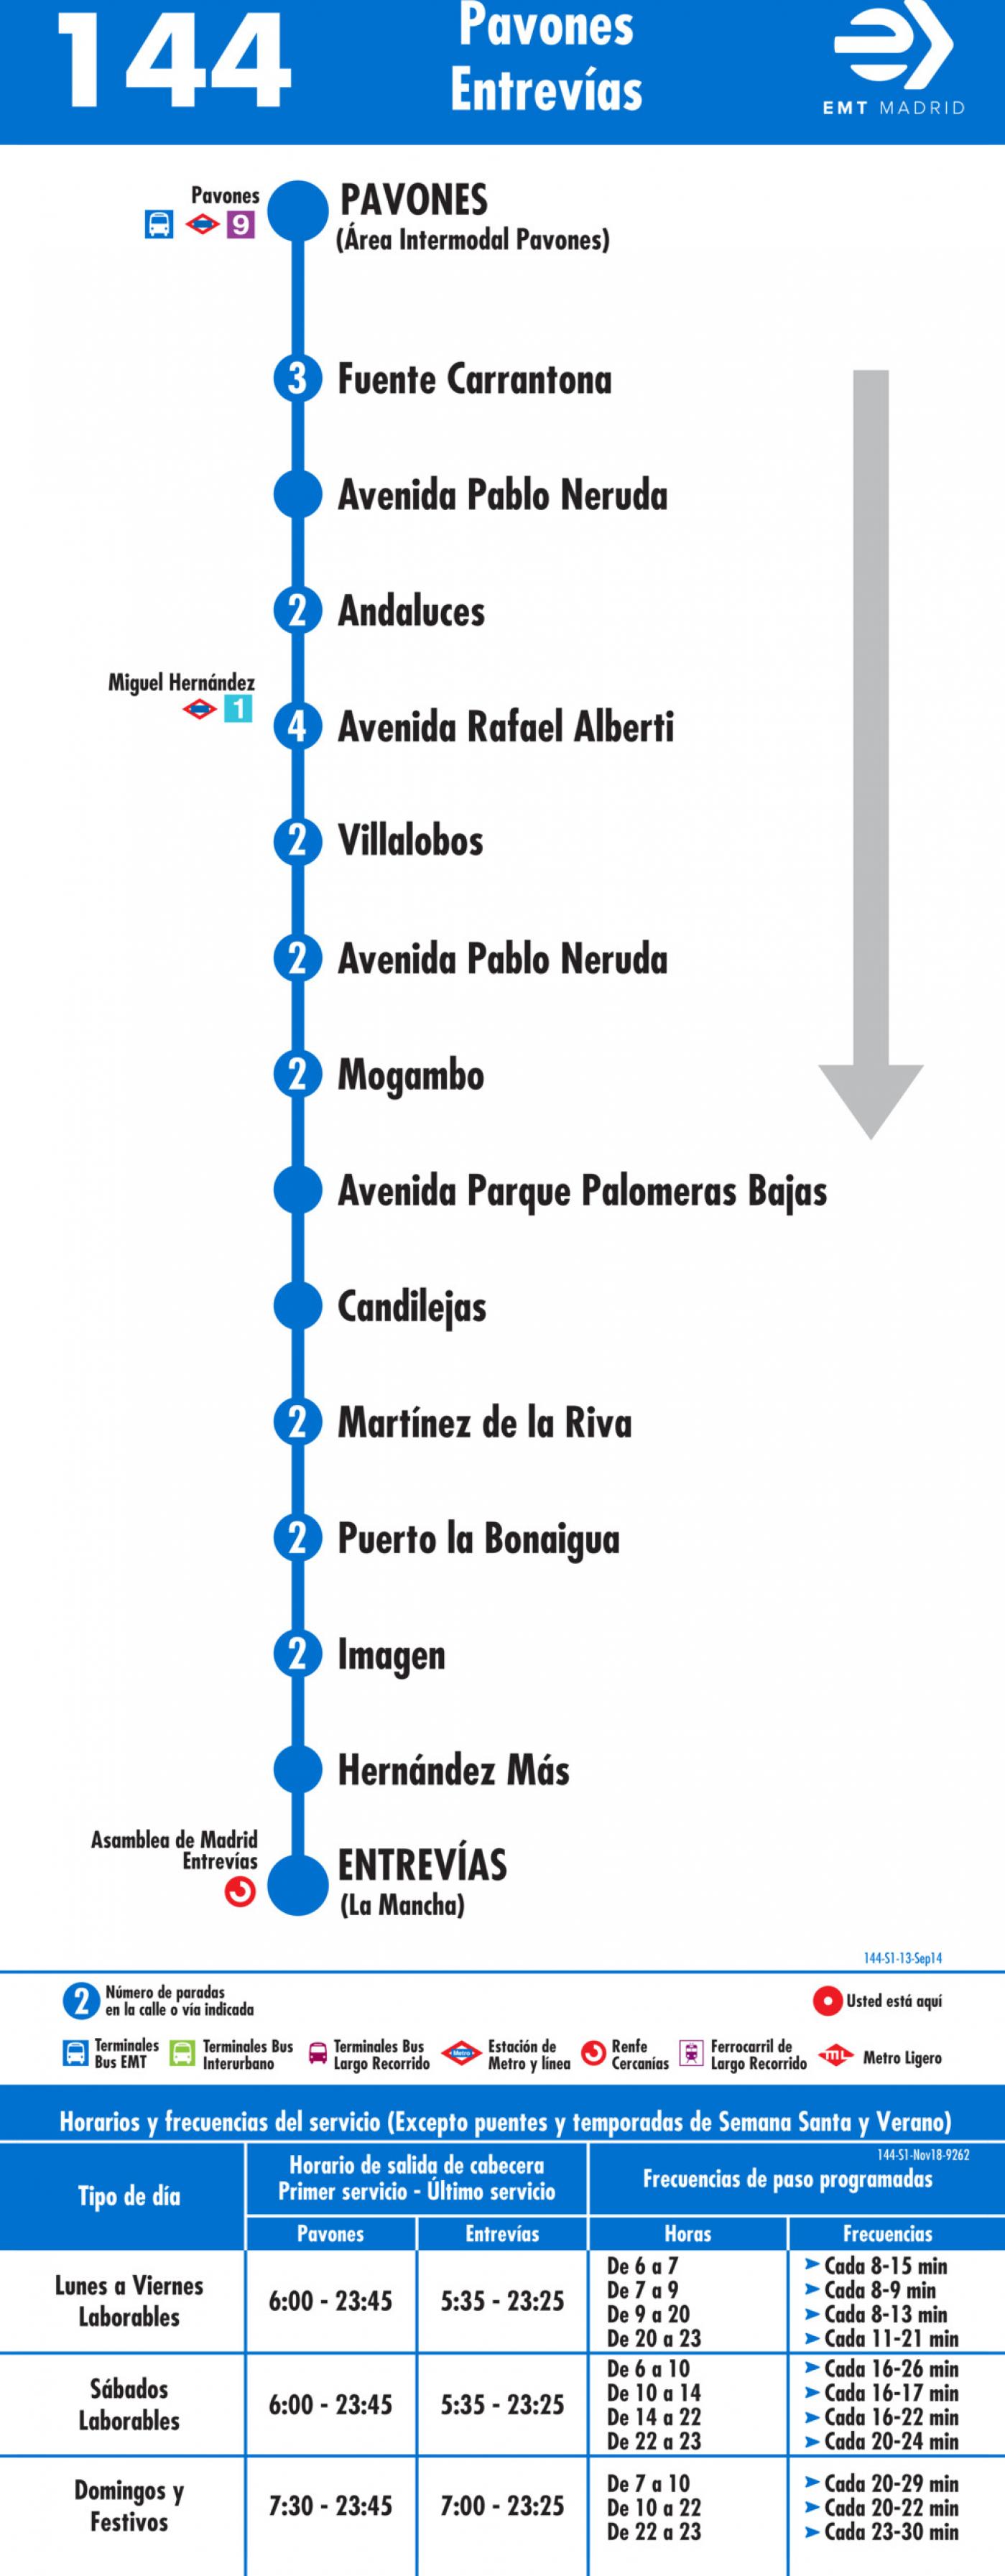 Tabla de horarios y frecuencias de paso en sentido ida Línea 144: Pavones - Entrevías